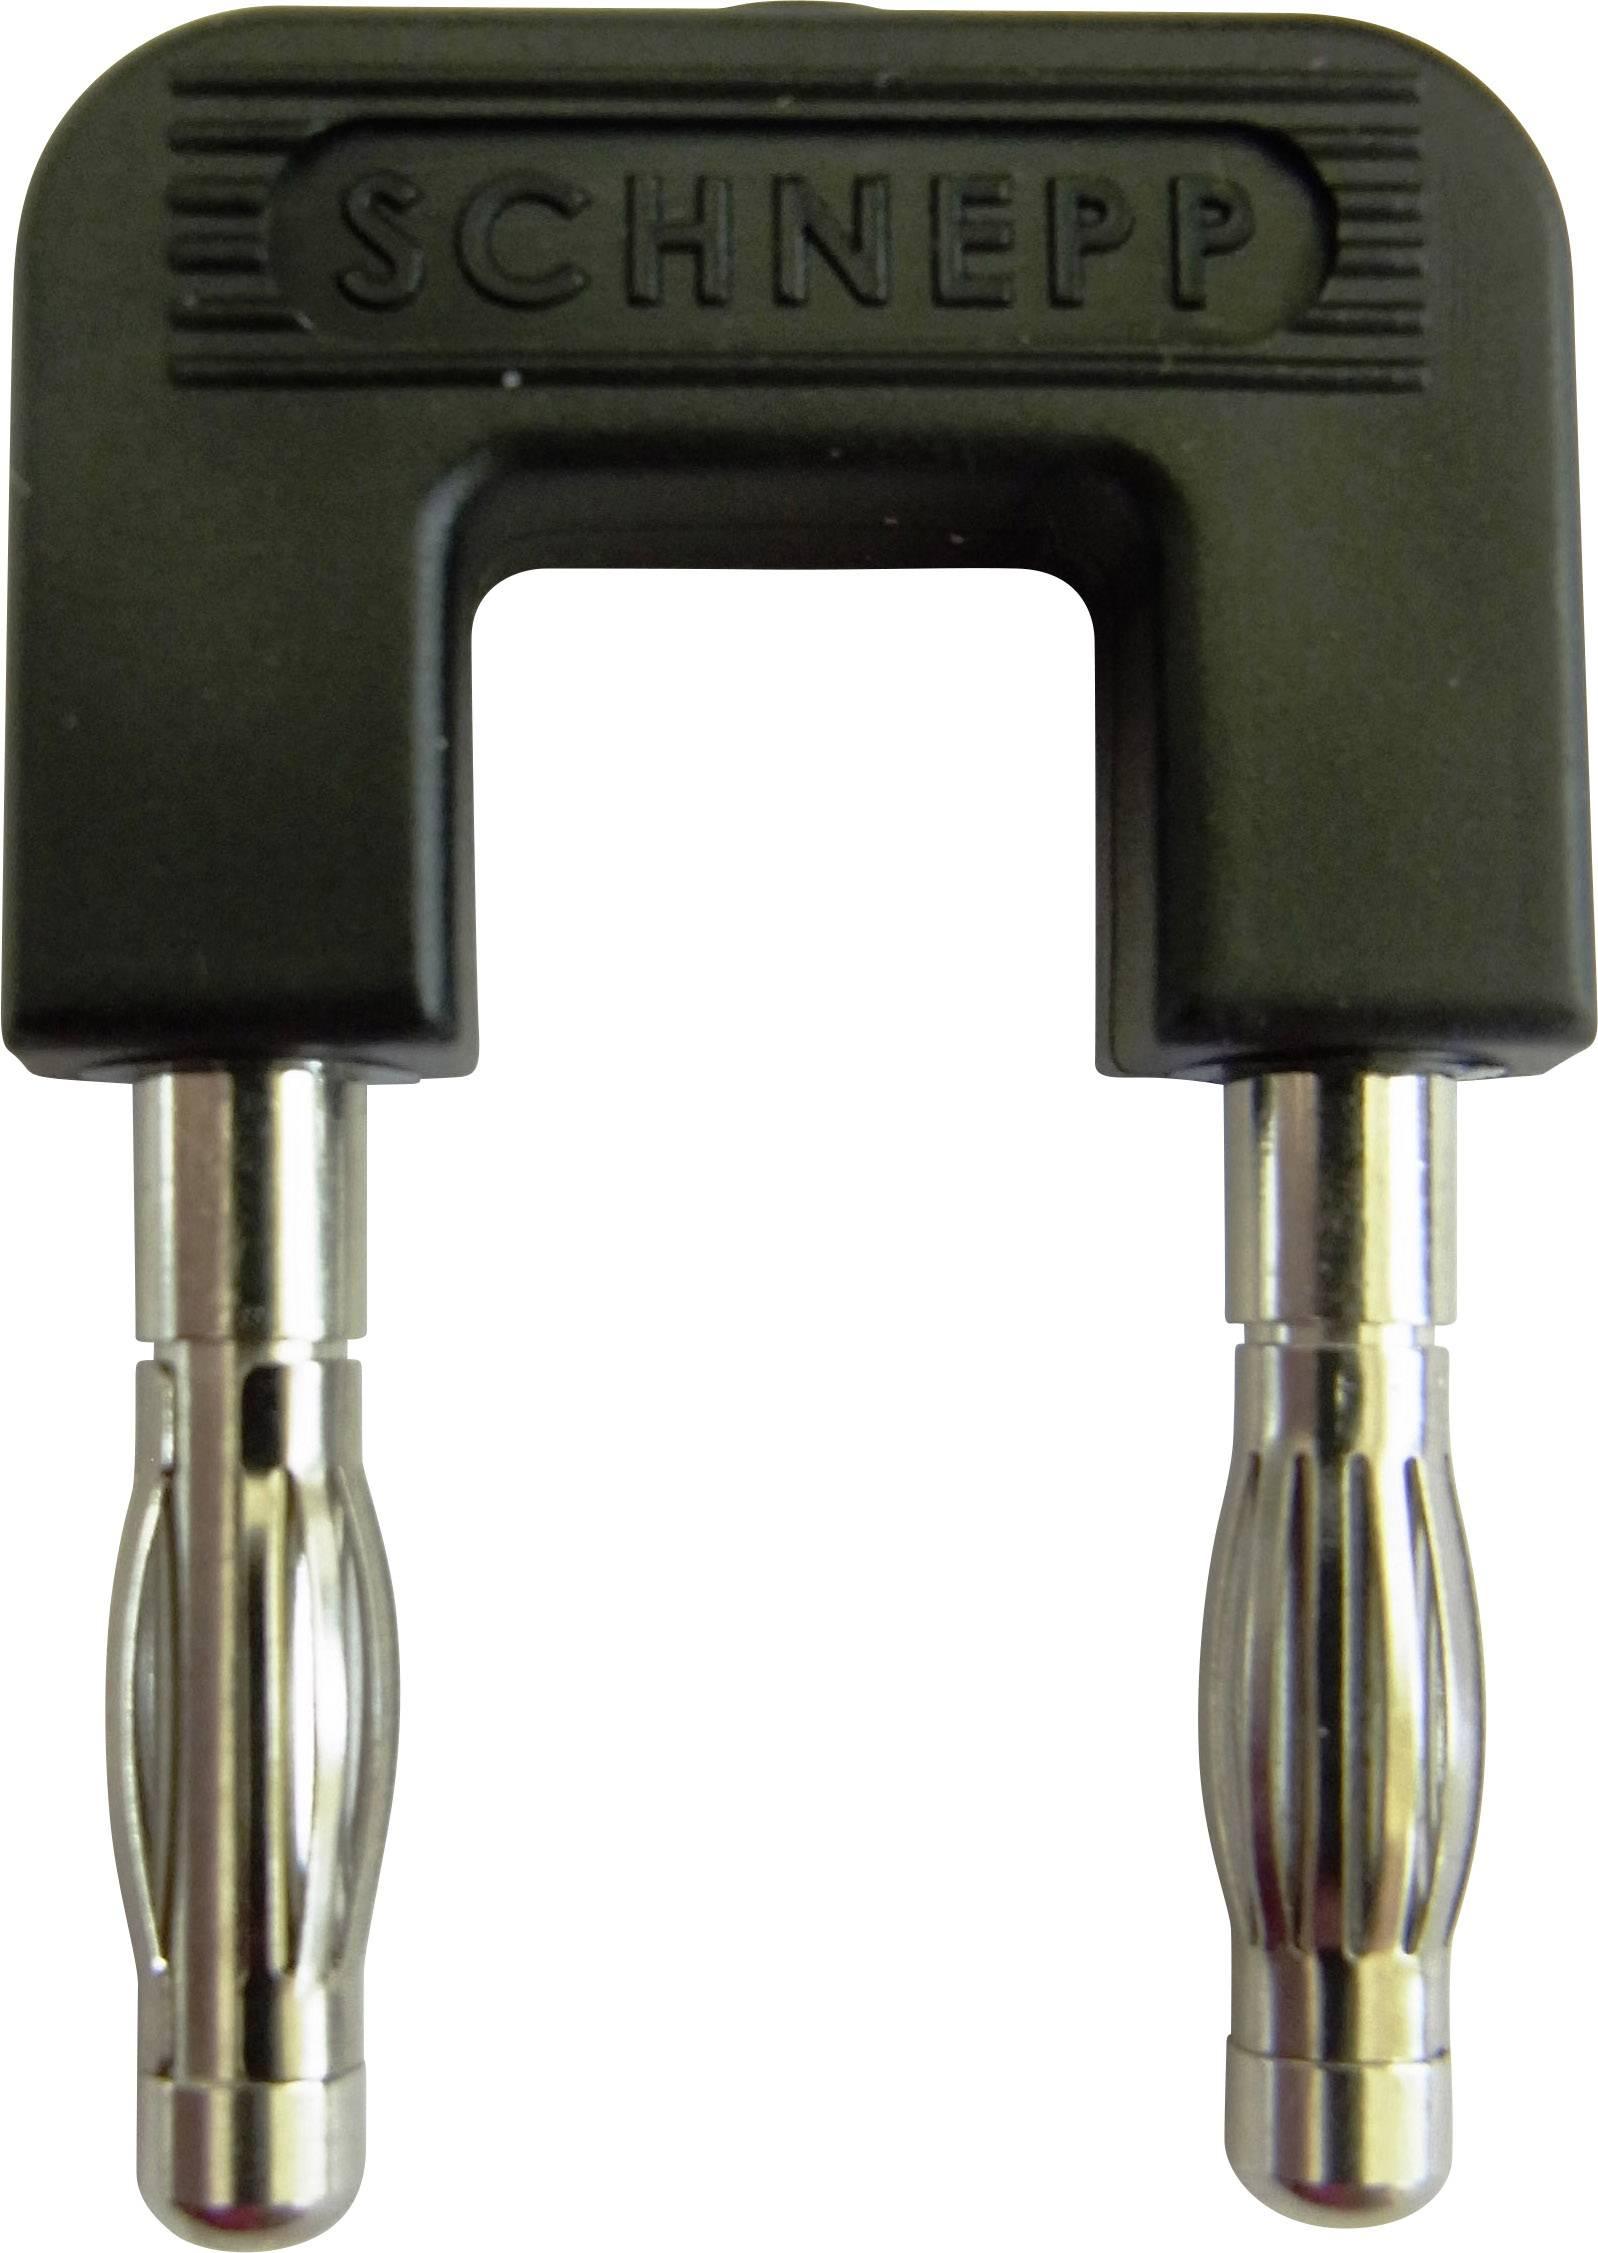 Skratovací mostík Schnepp 19/4sw, Ø hrotu 4 mm, rozostup hrotov 19 mm, čierna, 1 ks